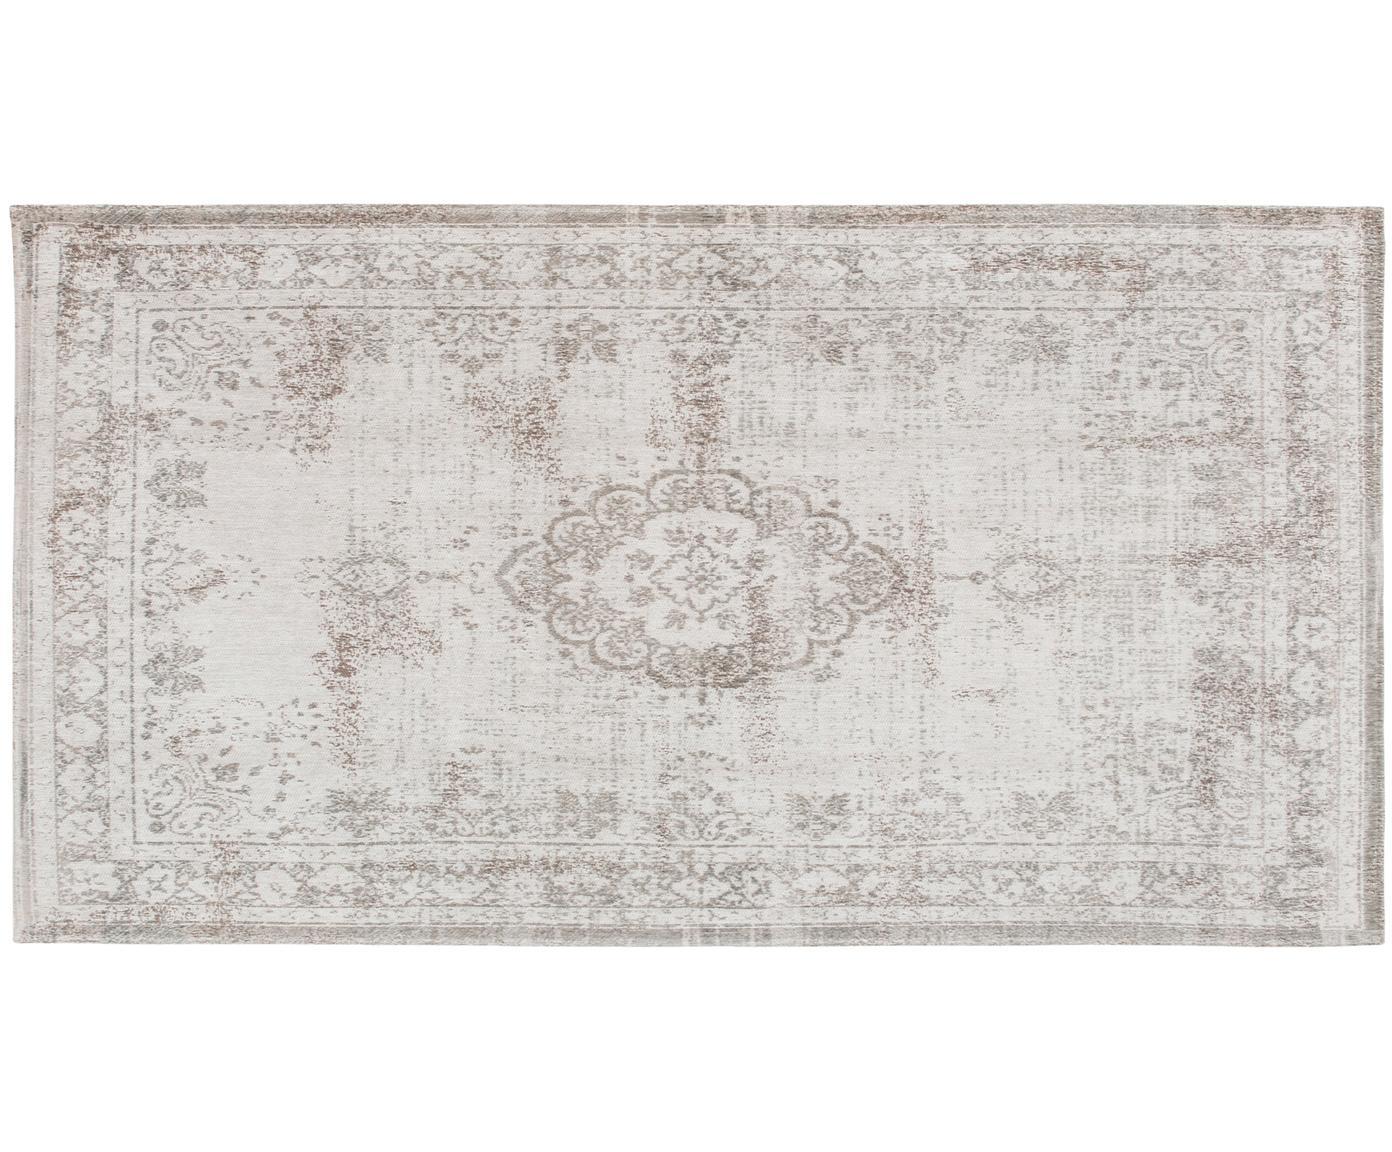 Dywan szenilowy vintage Medaillon, Jasny szary, brązowy, S 80 x D 150 cm (Rozmiar XS)